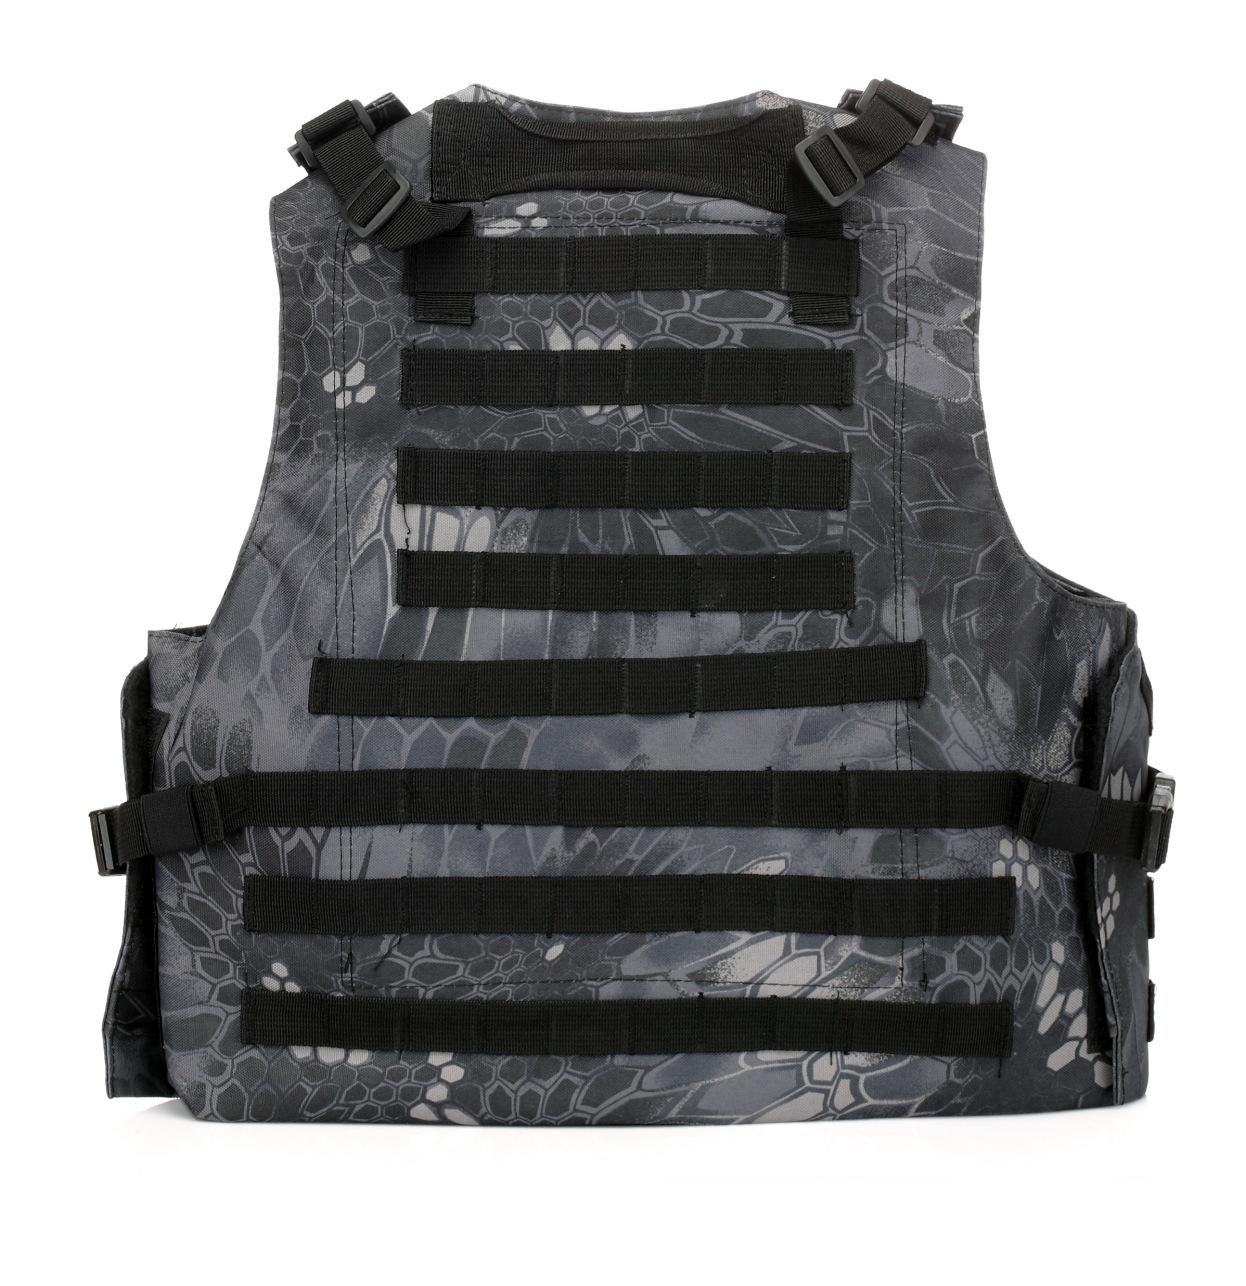 Камуфляжный армейский разгрузочный жилет оптом и в розницу